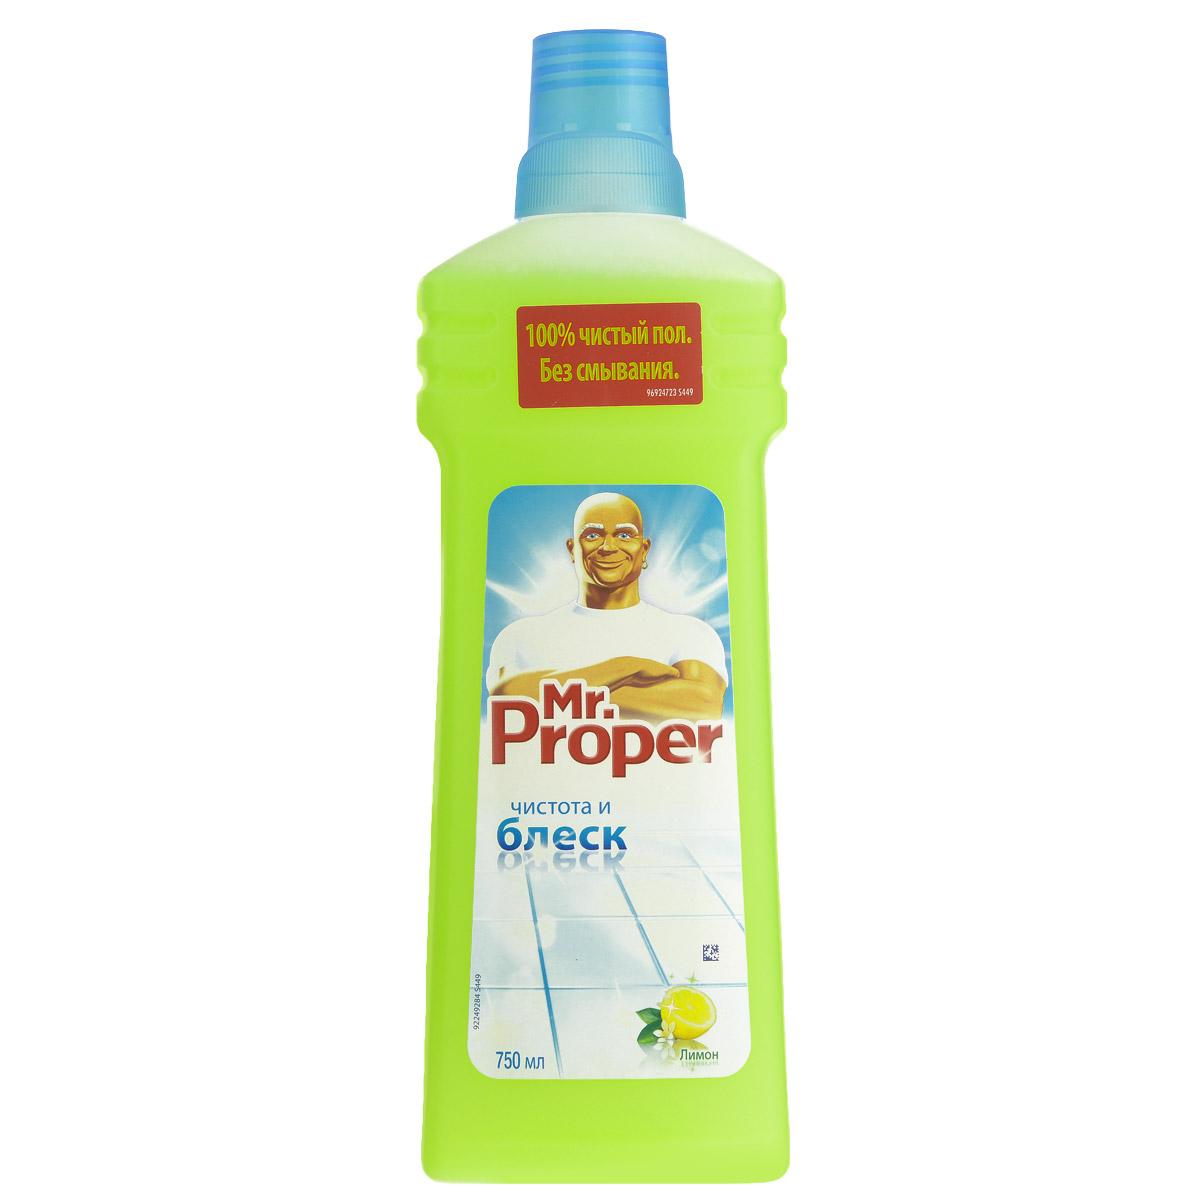 Моющая жидкость для уборки Mr. Proper Лимон, 750 млMP-81505775